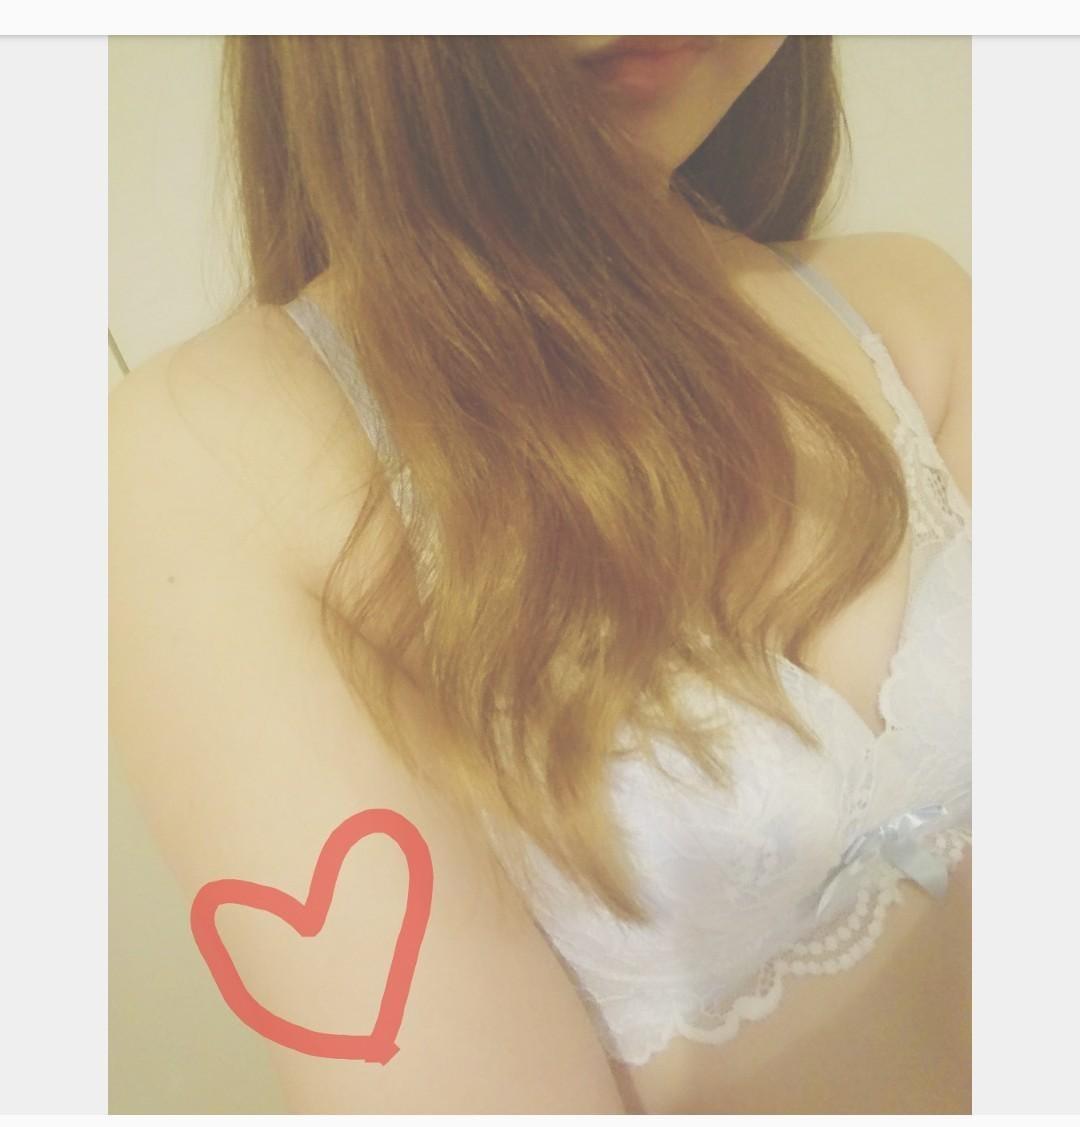 「ありがとう☆」10/23(10/23) 16:25 | みおの写メ・風俗動画